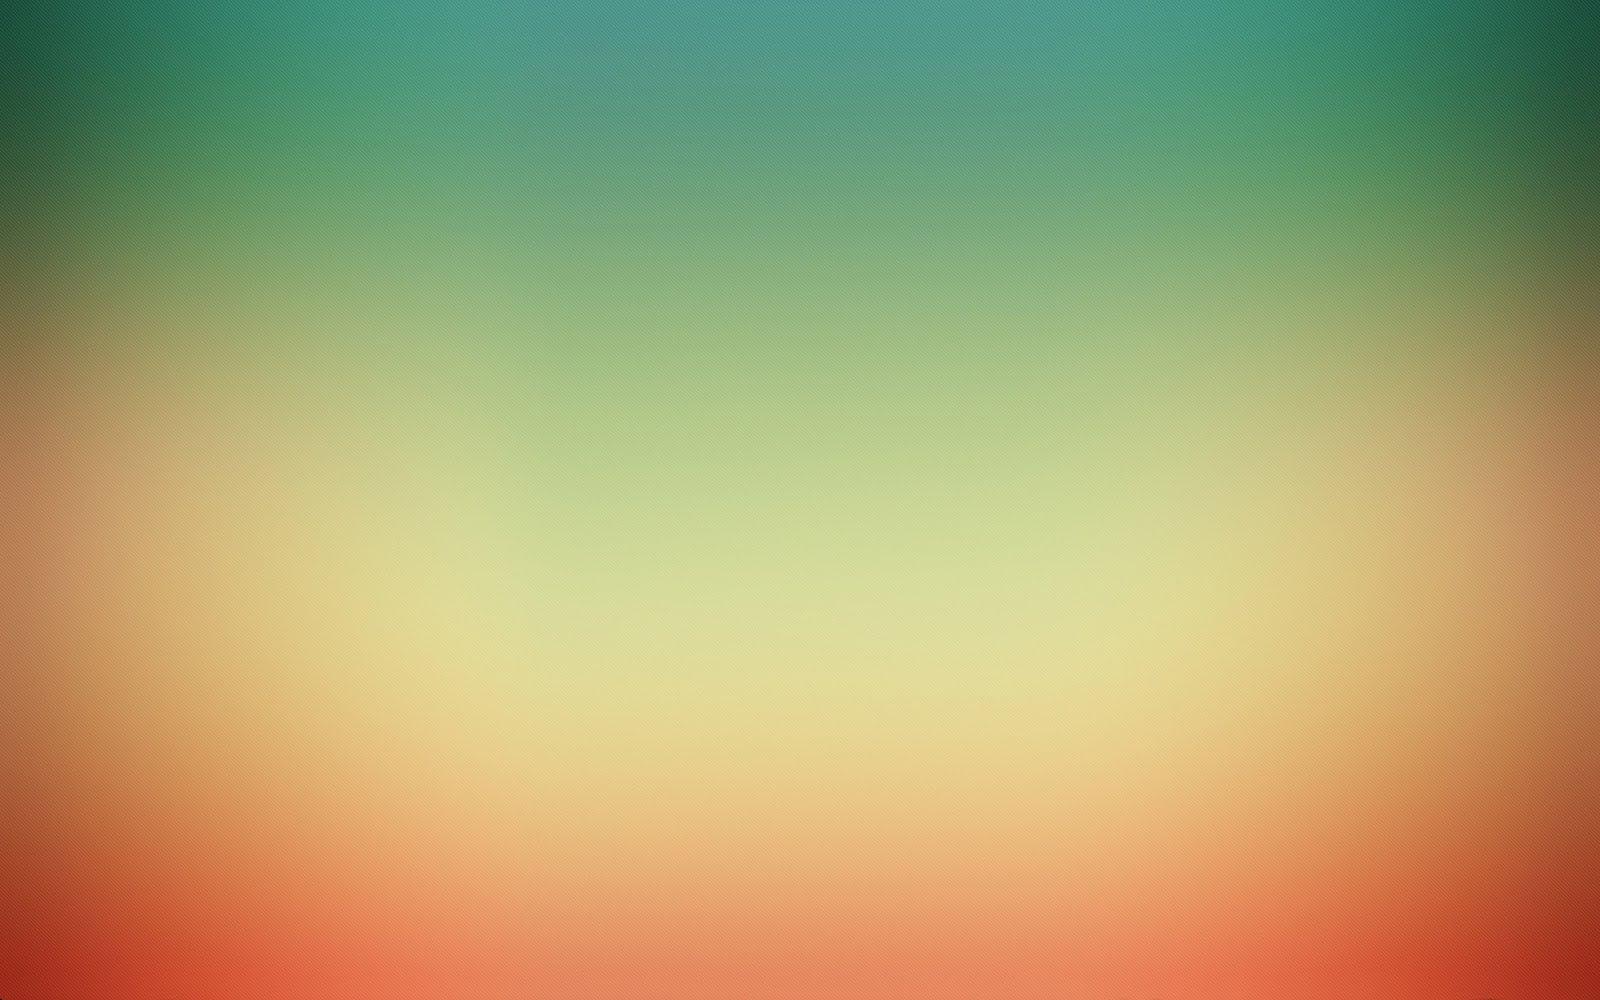 Patroon achtergronden hd wallpapers - Kleuren die zich vermengen met de blauwe ...